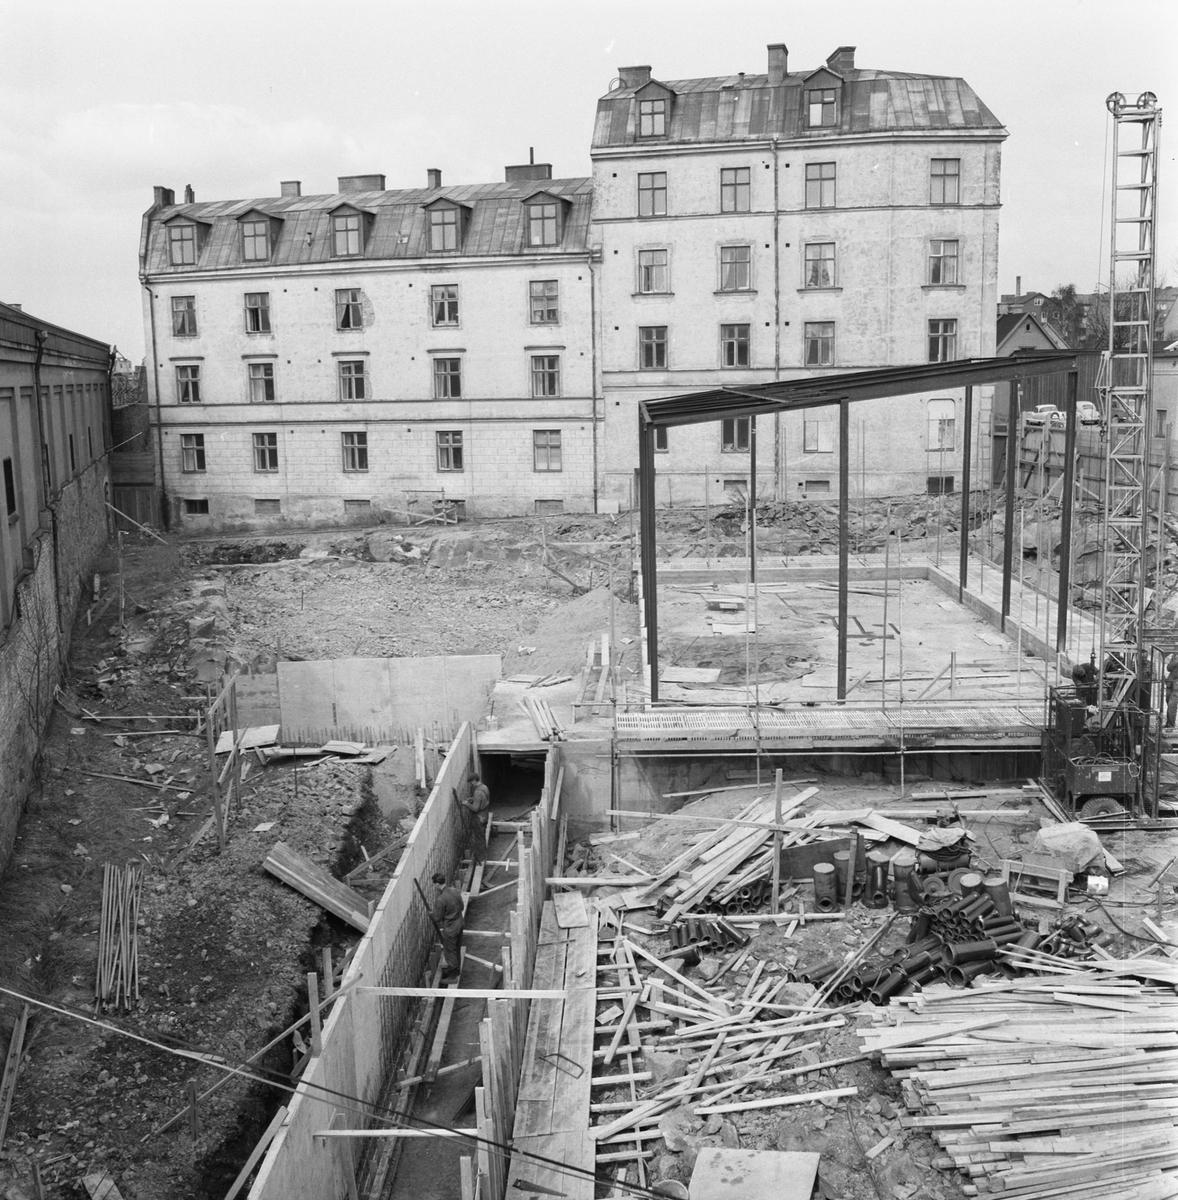 Övrigt: Fotodatum:26/4 1963 Byggnader och Kranar. Nyb. området. Baggagården, bygge av kraftcentral och plåtverkstan.